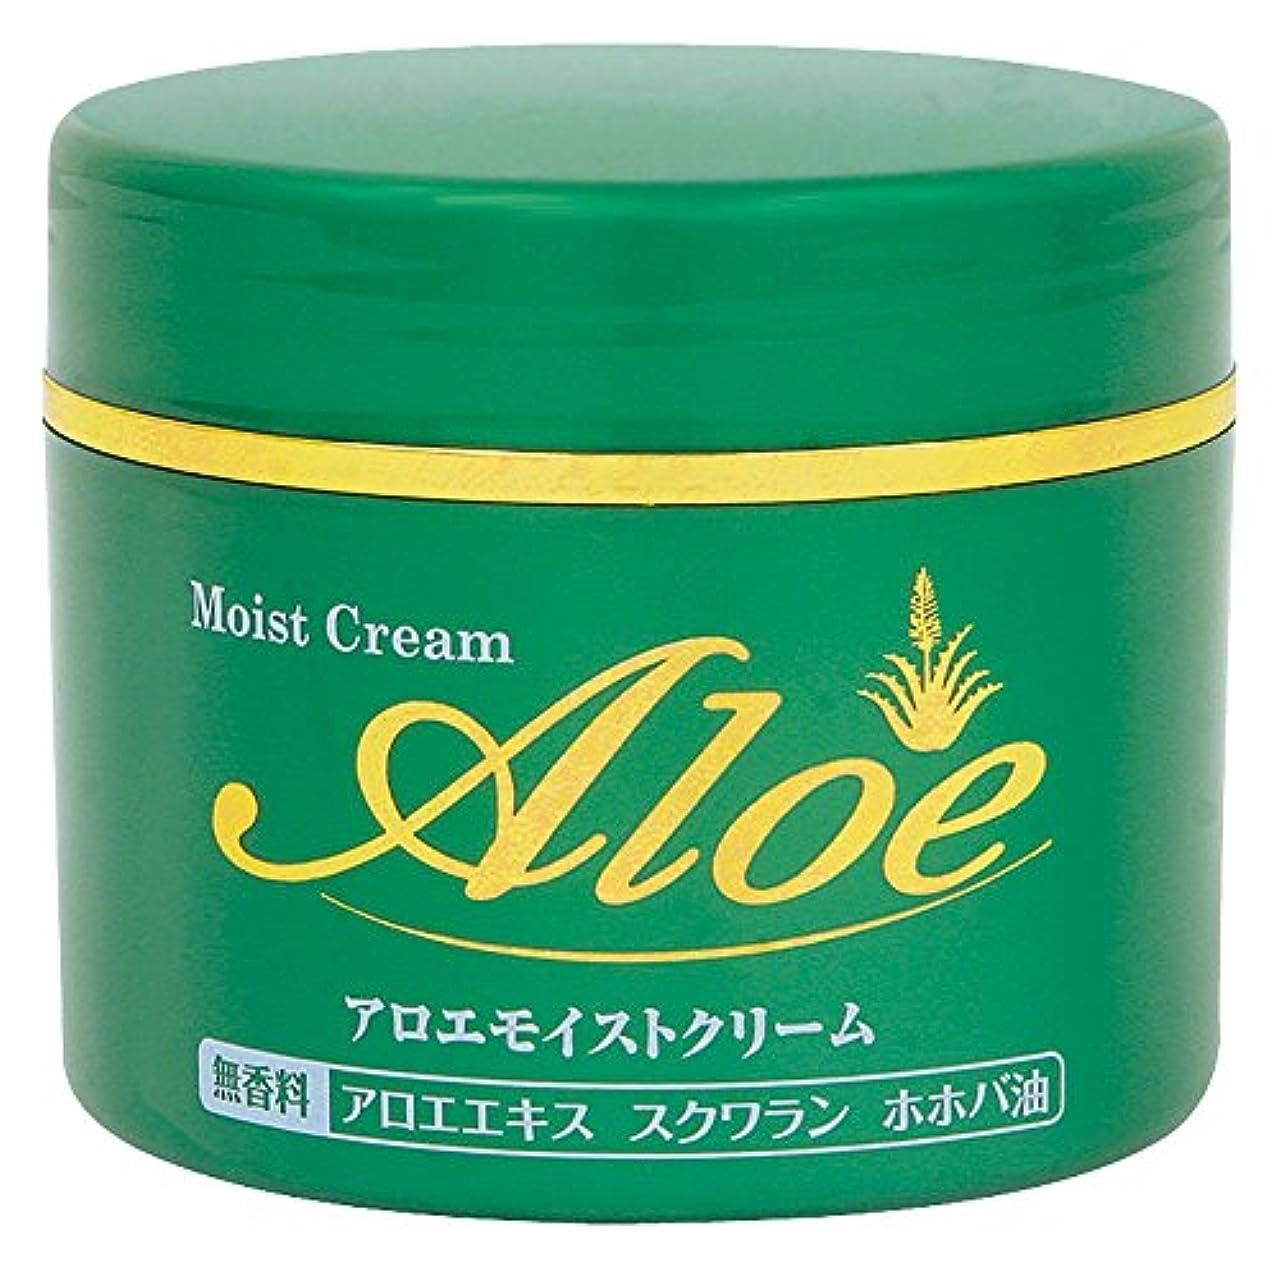 最初はスキム静けさ井藤漢方製薬 アロエモイストクリーム 160g (アロエクリーム 化粧品)